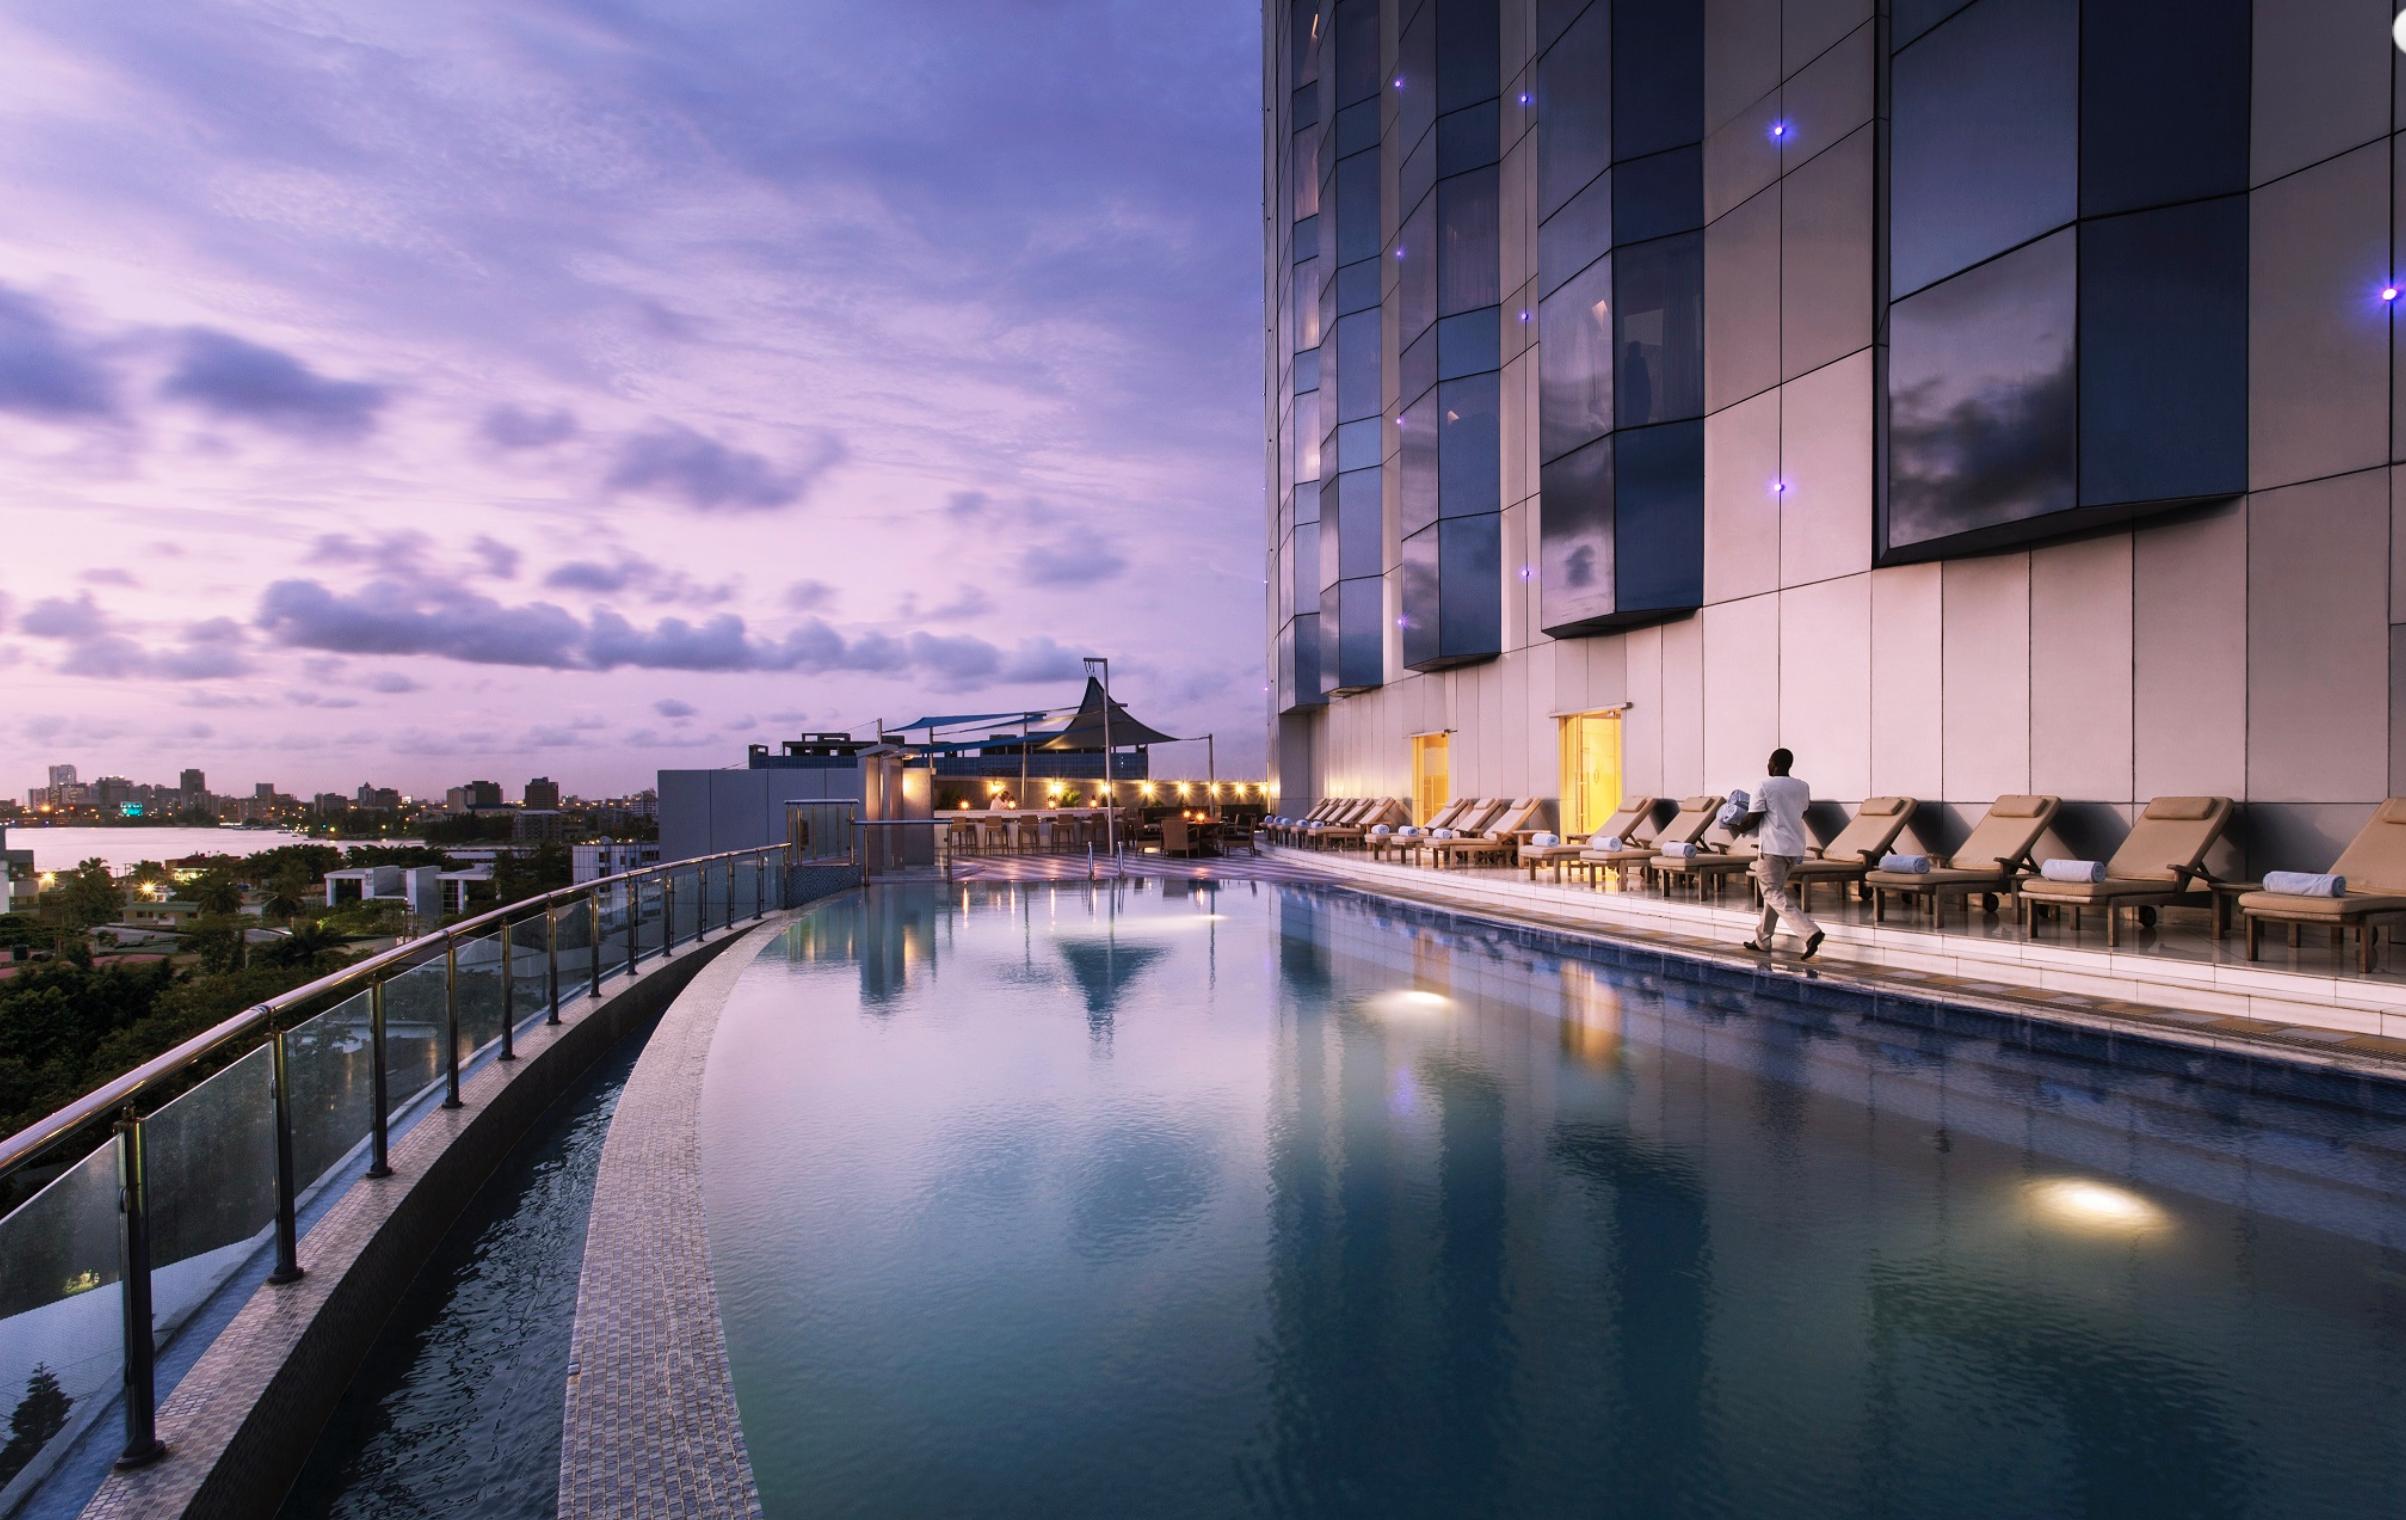 The Lagos Continental Hotel in Lagos, Nigeria